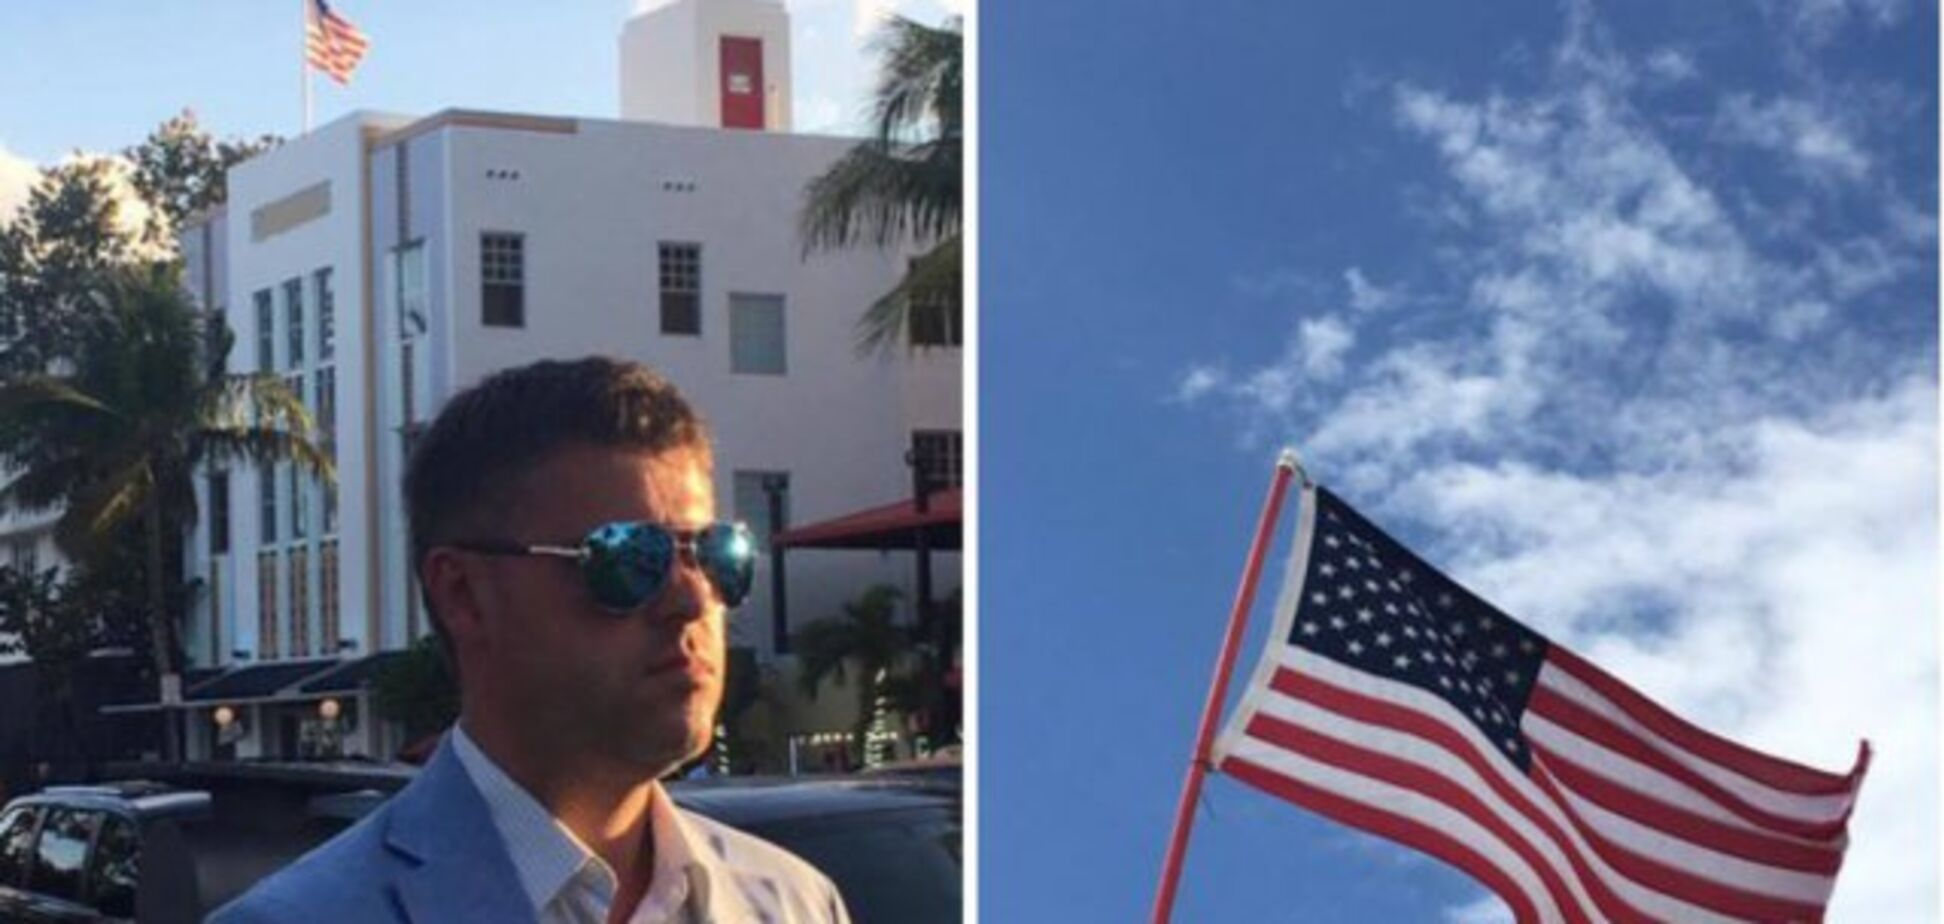 'Працює': у мережі показали фото відрядження скандального прокурора в США